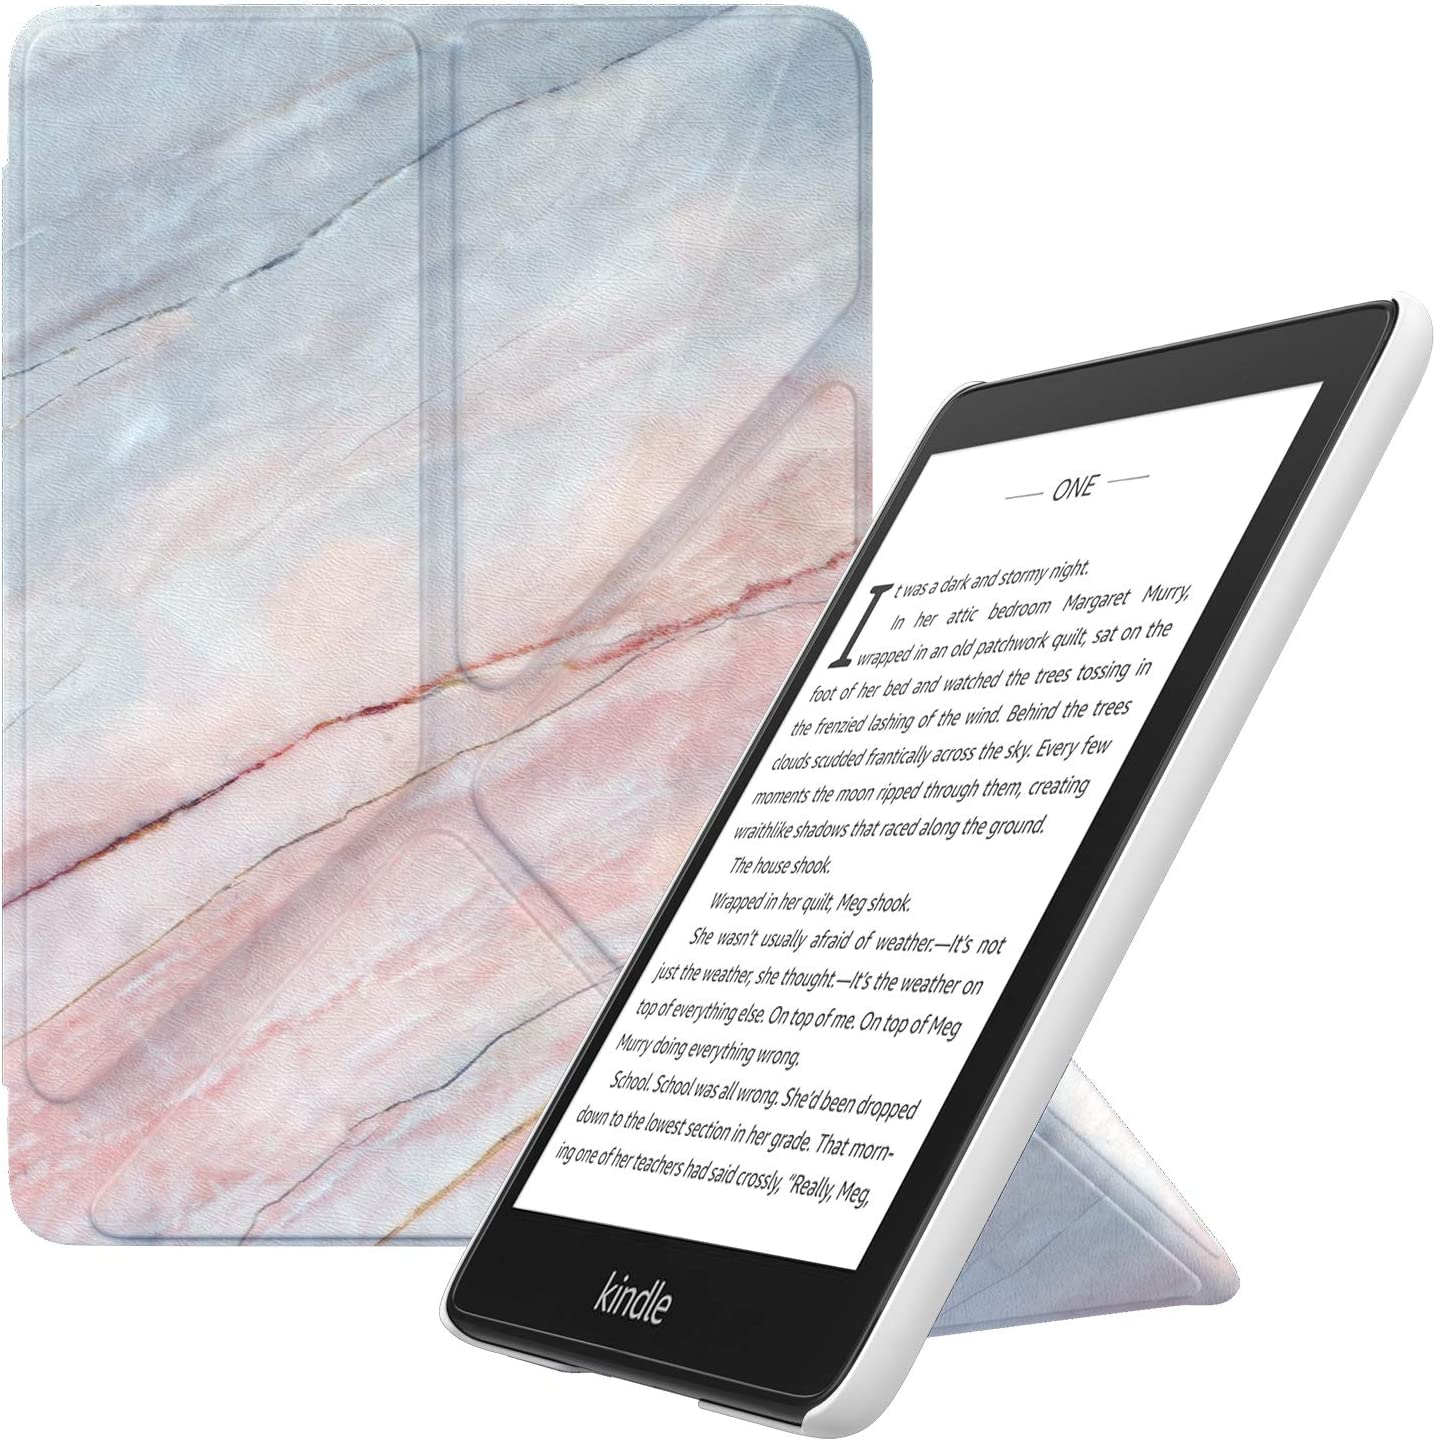 MoKo /Étui de Protection pour Kindle Paperwhite 10/ème g/én/ération,mod/èle 2018 /étui Origami Mince et l/éger avec Auto R/éveil//Veille pour Kindle Paperwhite 2018 Violet